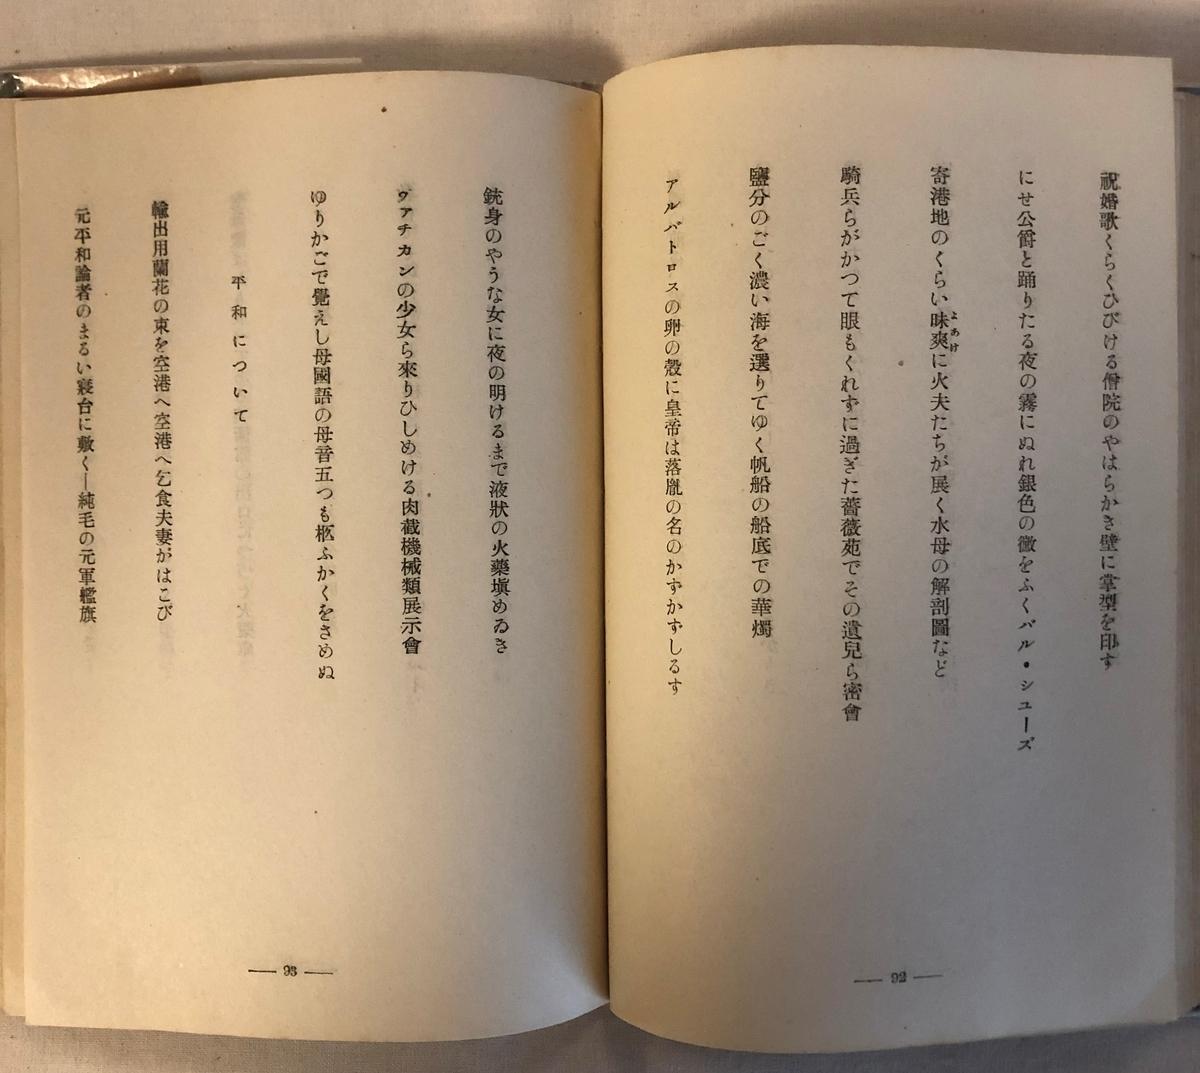 f:id:yomoyamayomoyama:20190417180136j:plain